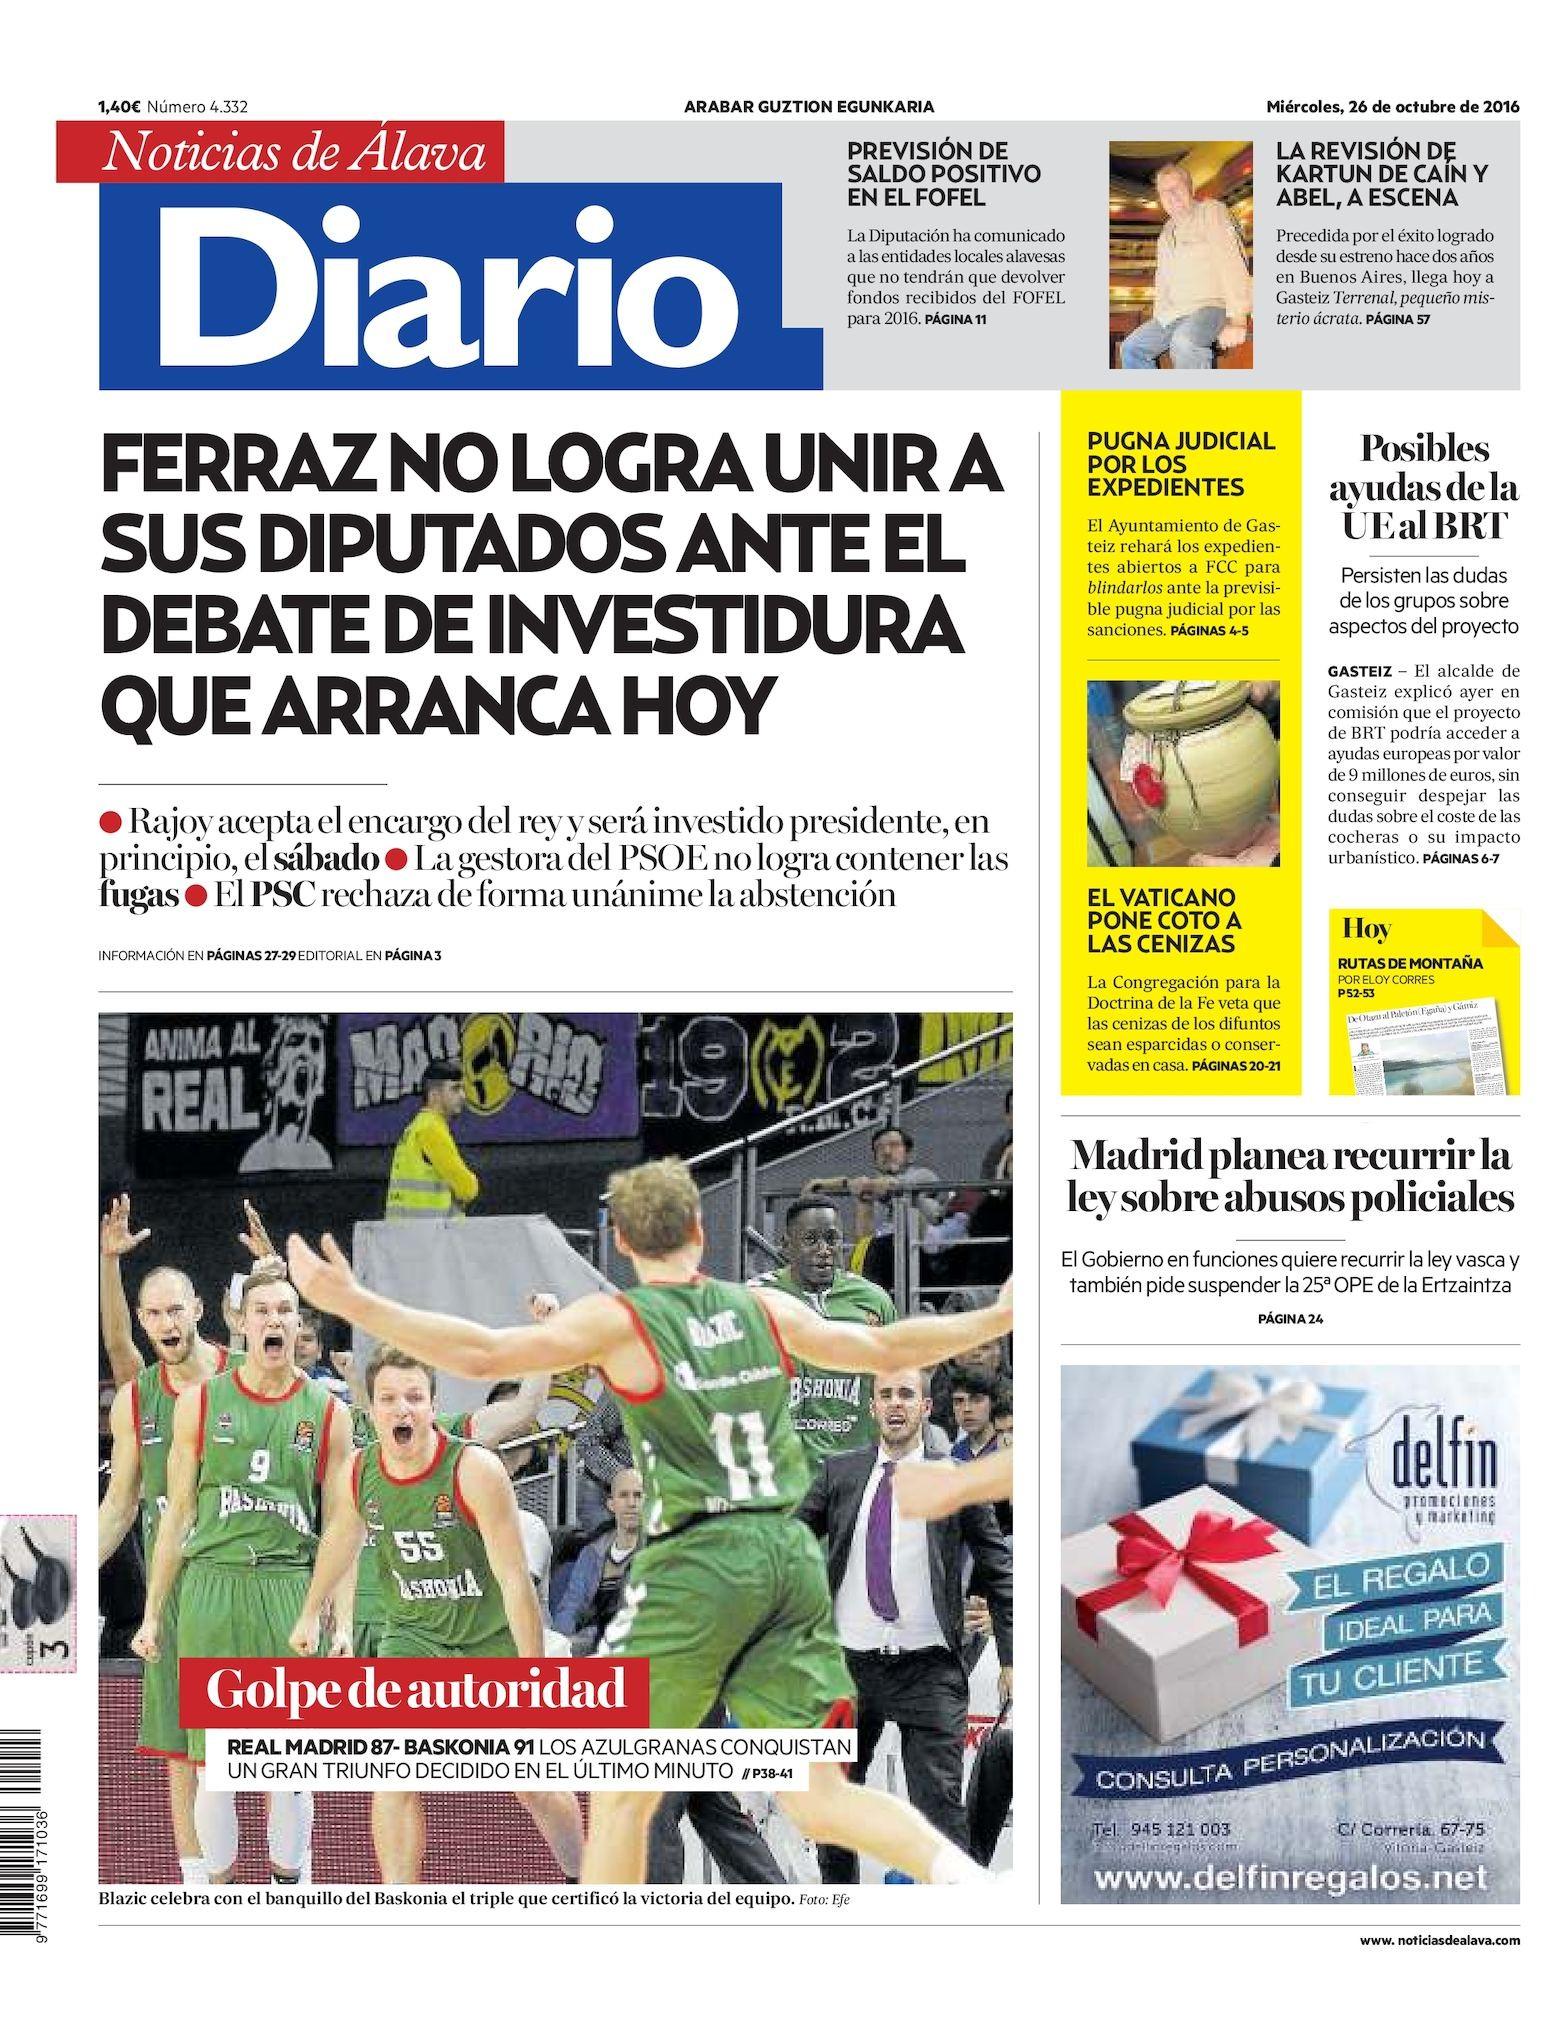 Imprimir Calendario Laboral 2019 Comunidad Valenciana Recientes Calaméo Diario De Noticias De lava